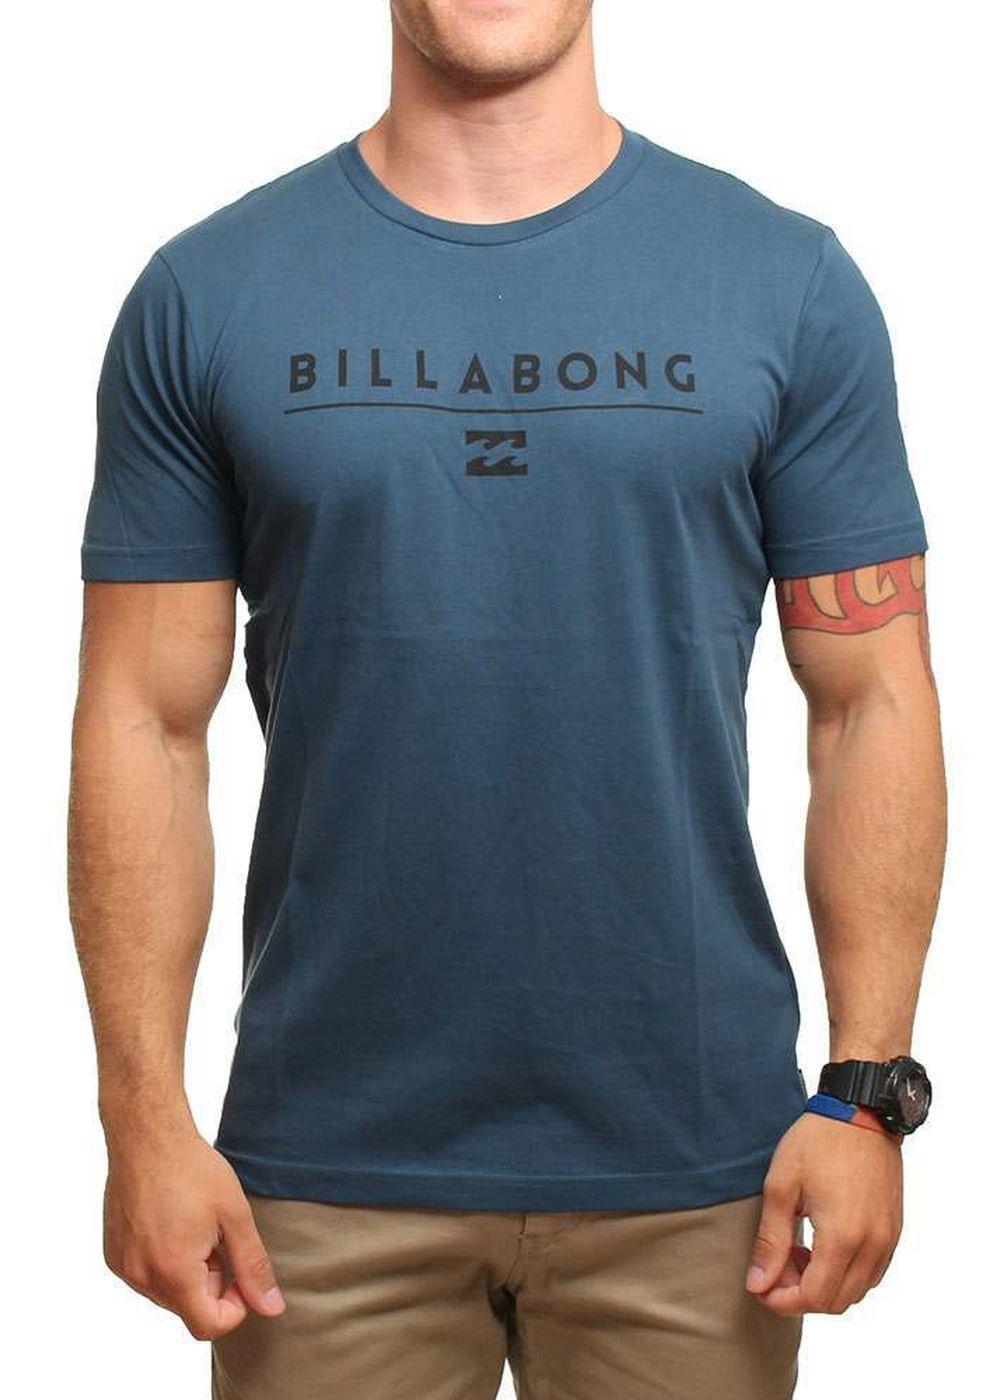 BILLABONG UNITY TEE Marine